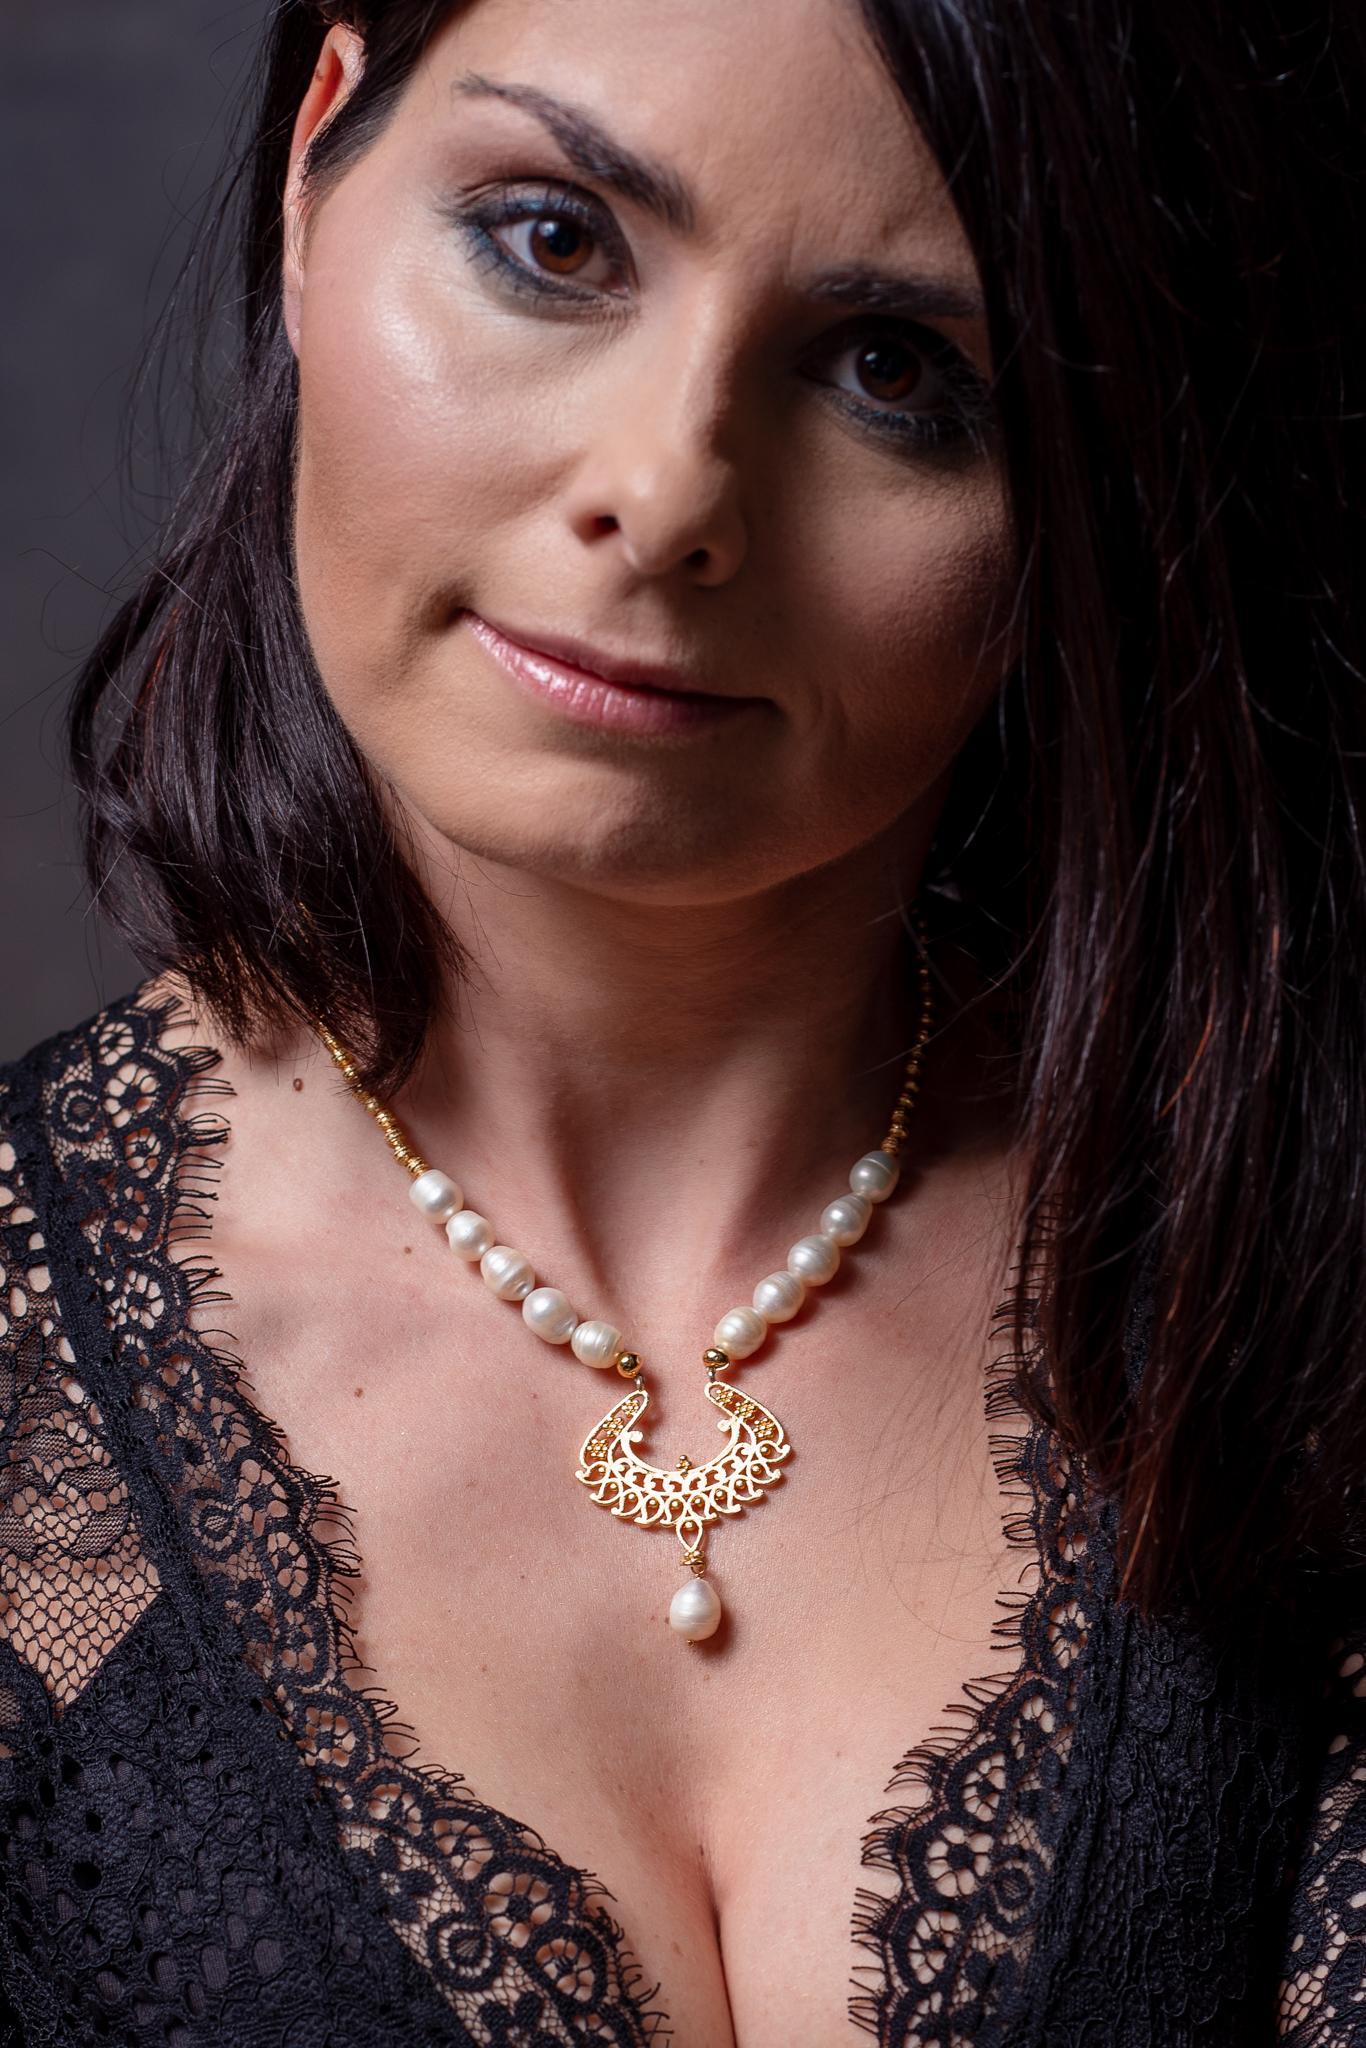 édesvízi gyöngyös nyaklánc aranyozott medállal egy női modellen